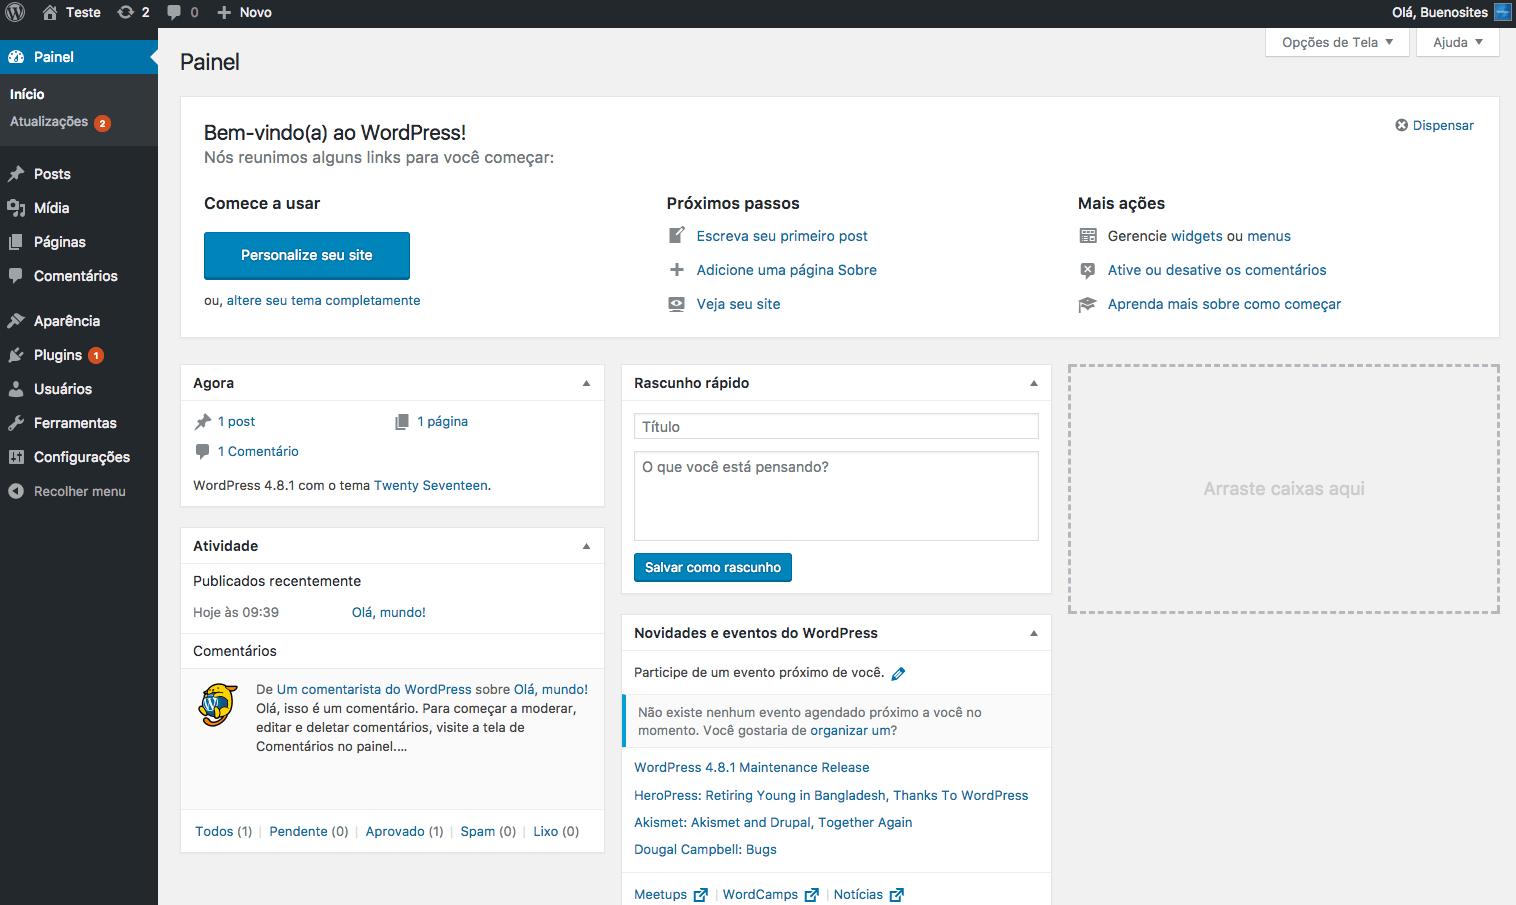 WordPress como gerenciador de Conteúdo - Painel Admin - Buenosites